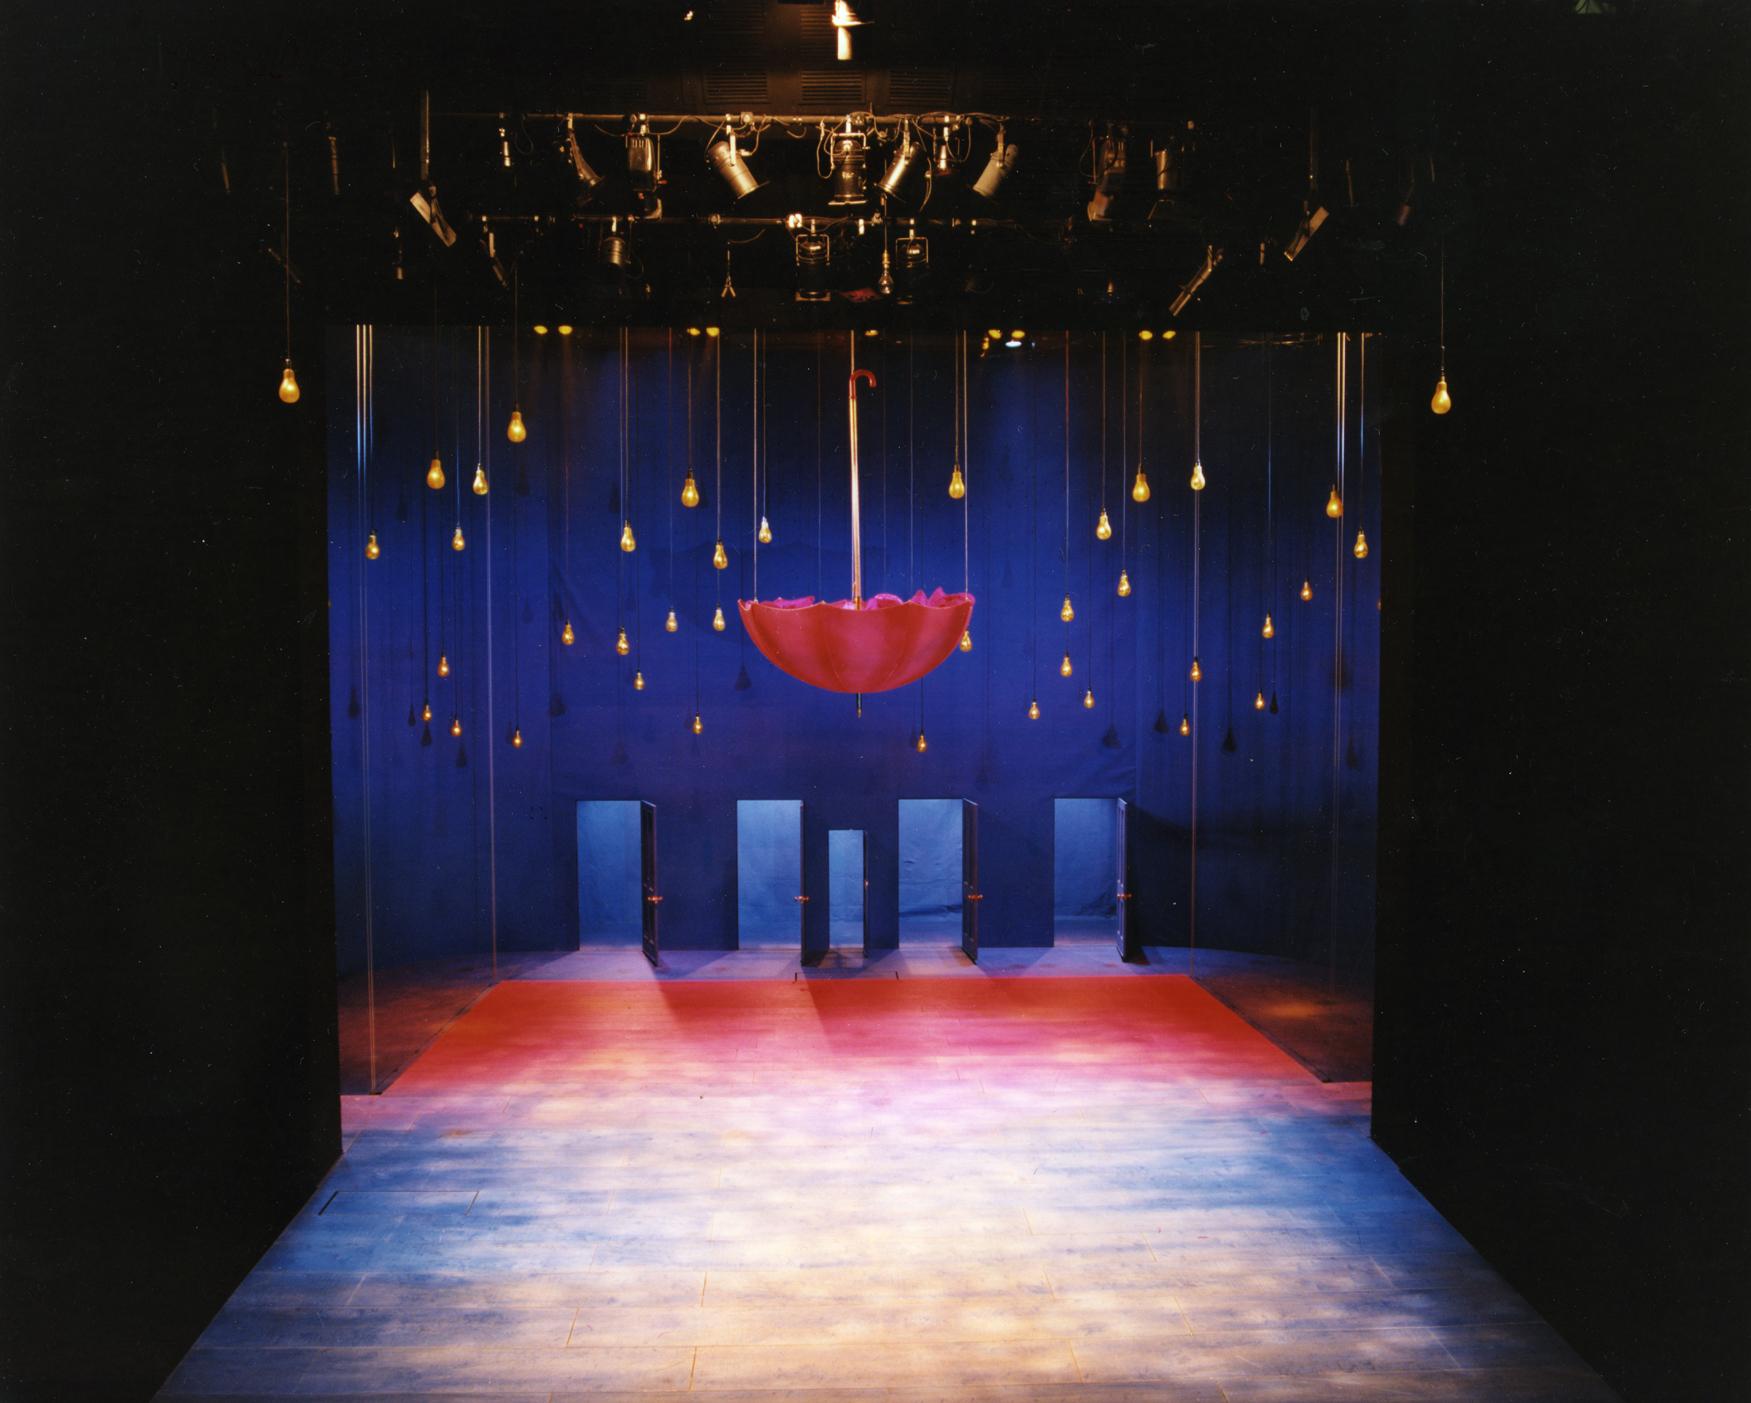 Adrian Noble filmes adaptációja egy színházi előadás zártságát, intimitását idézi. Számos utalást láthatunk olyan híres gyerekfilmekre, mint az Alice csodaországban, az Óz, a nagy varázsló és az ET. <em>Szentivánéji álom</em>. (<em>A Midsummer Night's Dream</em>. Adrian Noble, 1996)